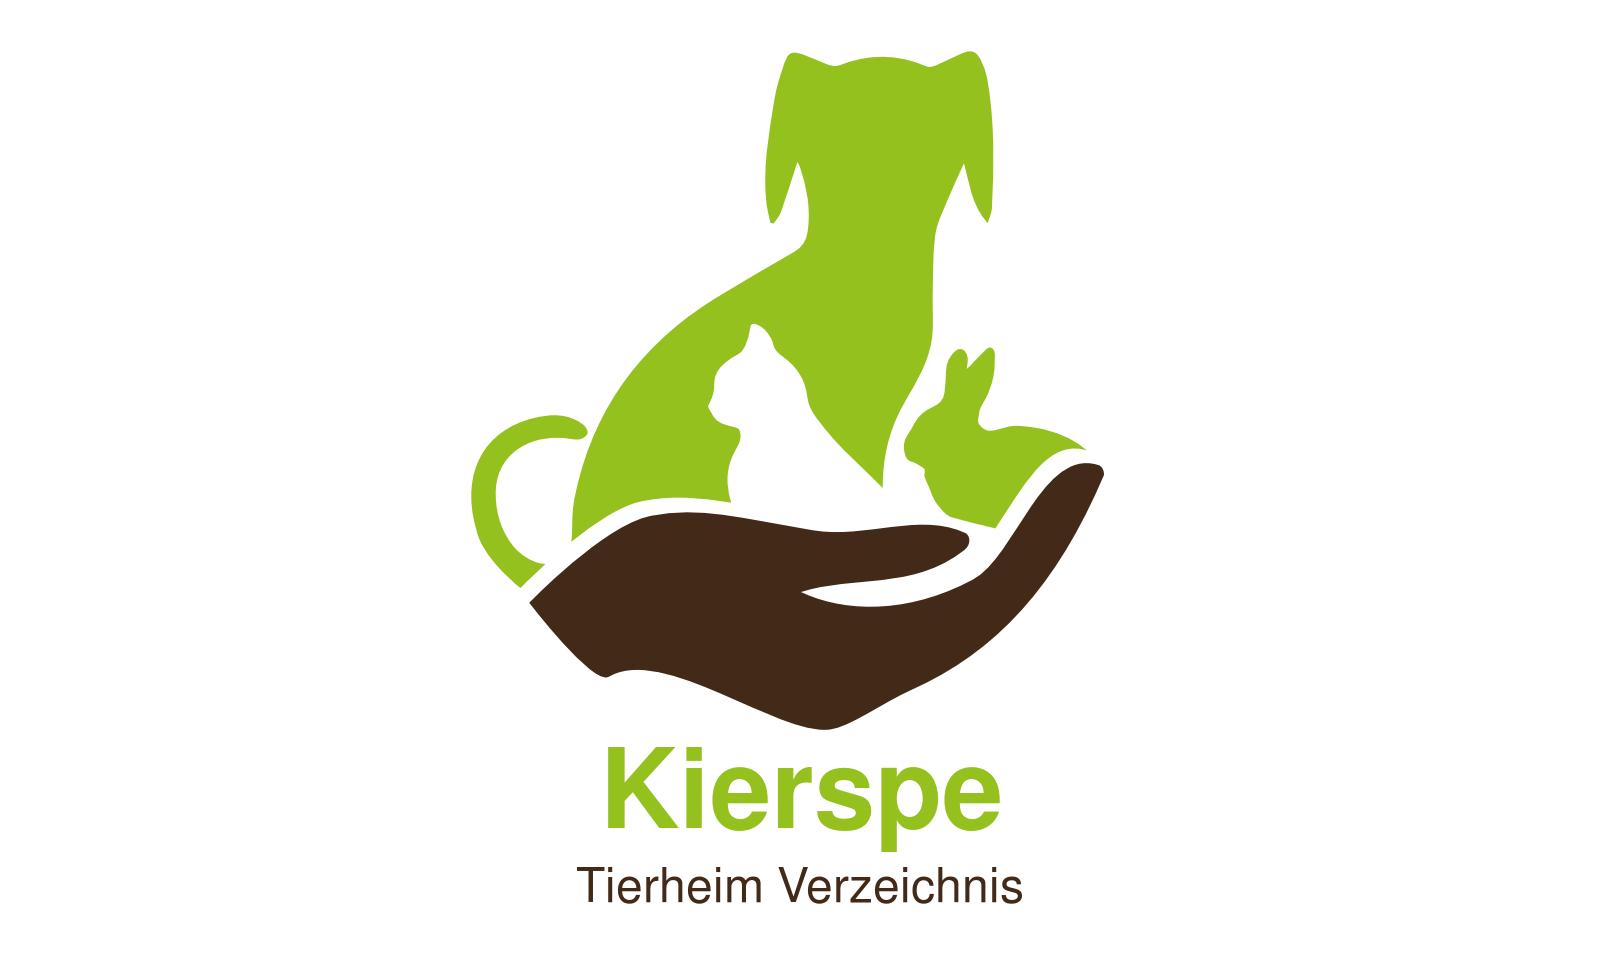 Tierheim Kierspe